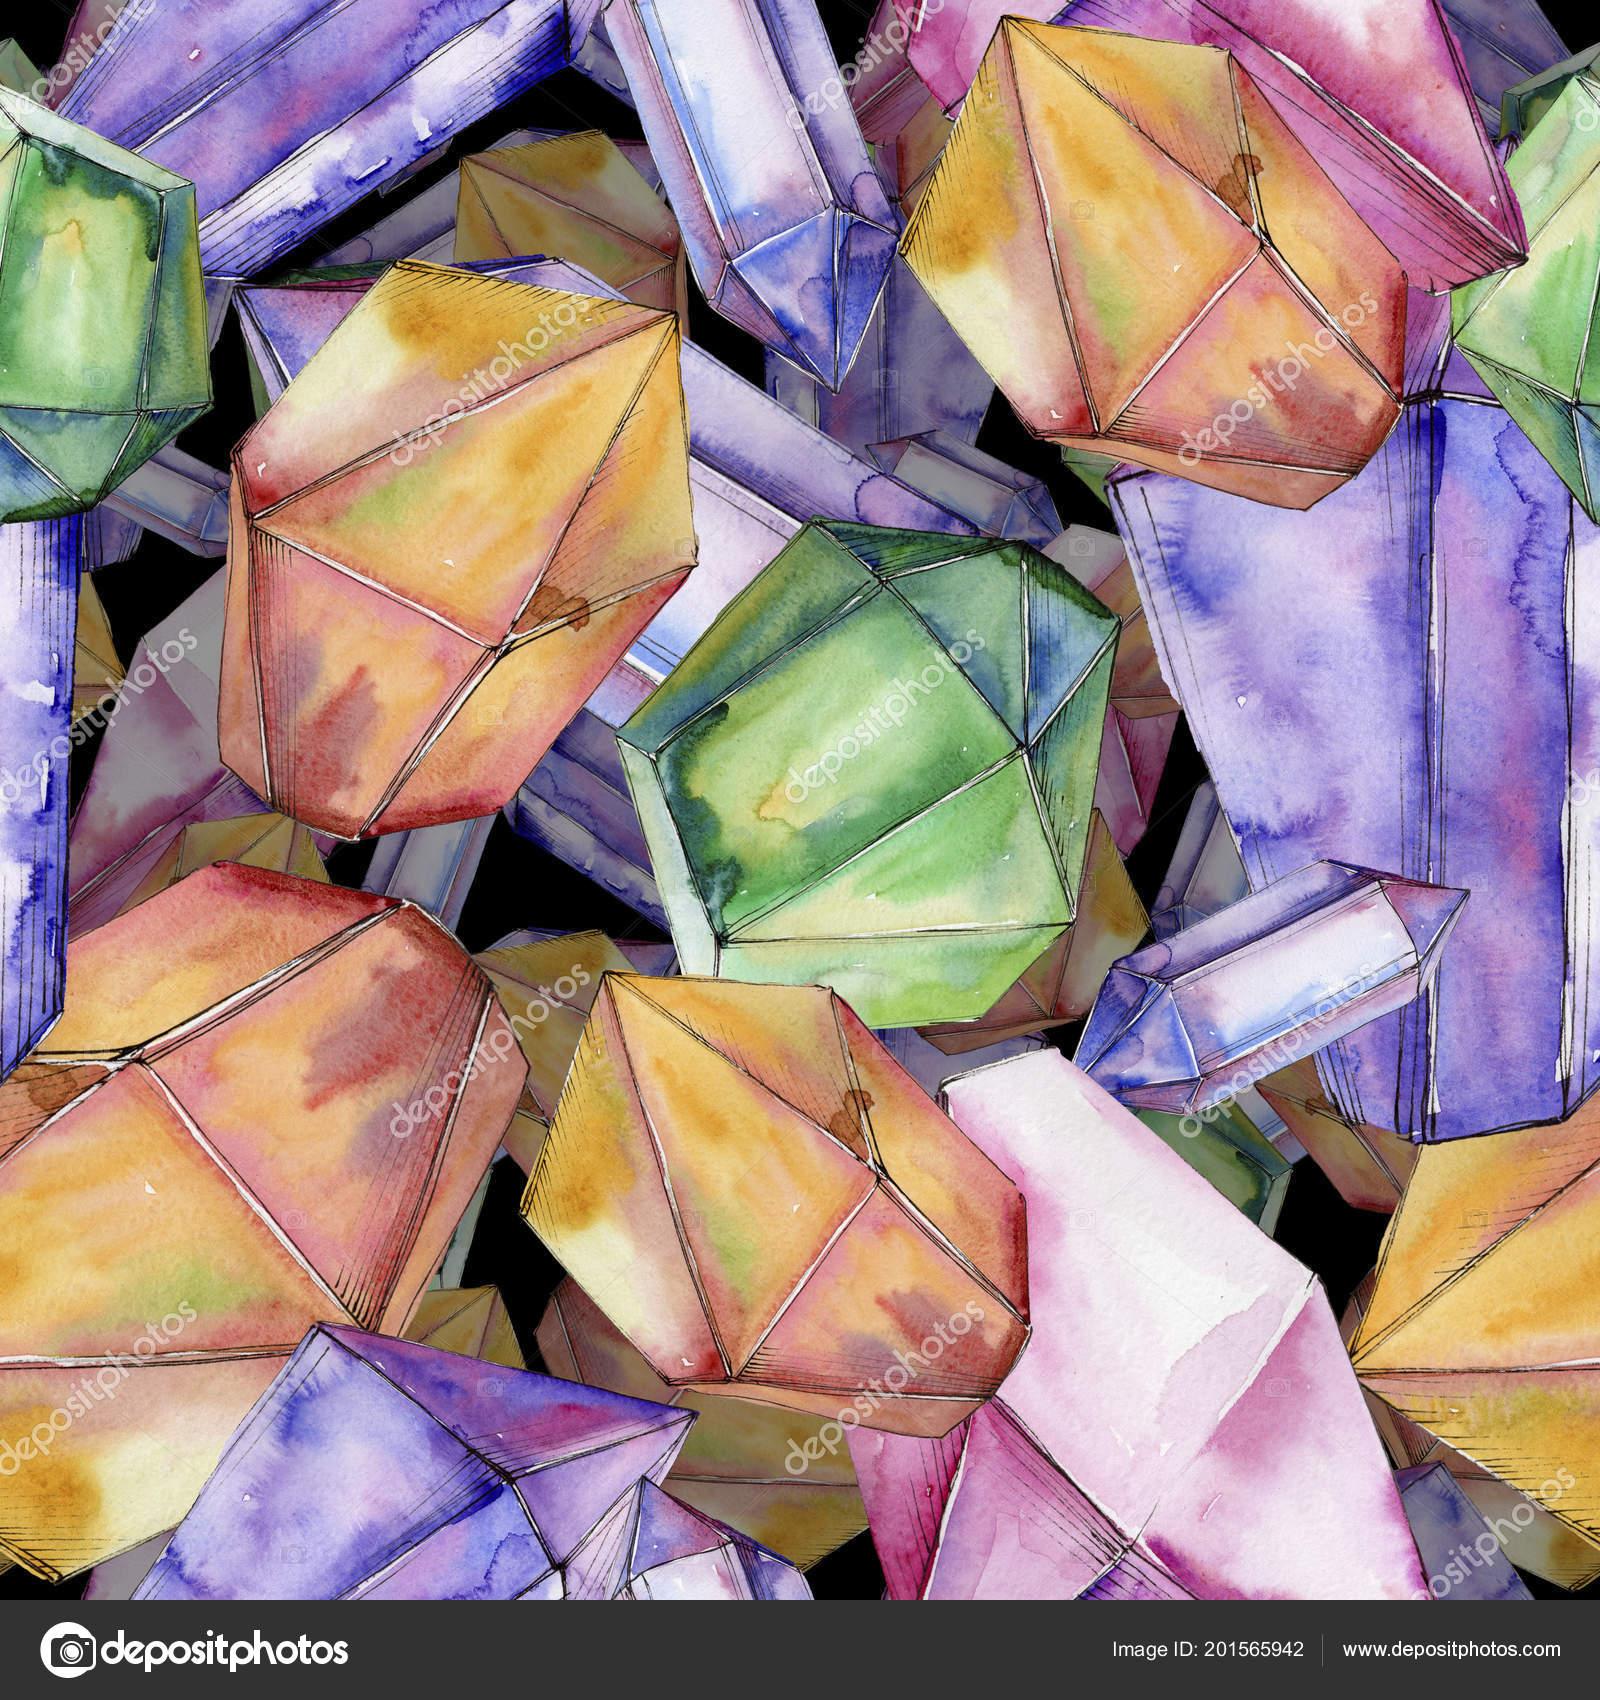 37e45b4c8 Színes gyémánt rock ékszerek ásványi. Varratmentes háttérben minta ...